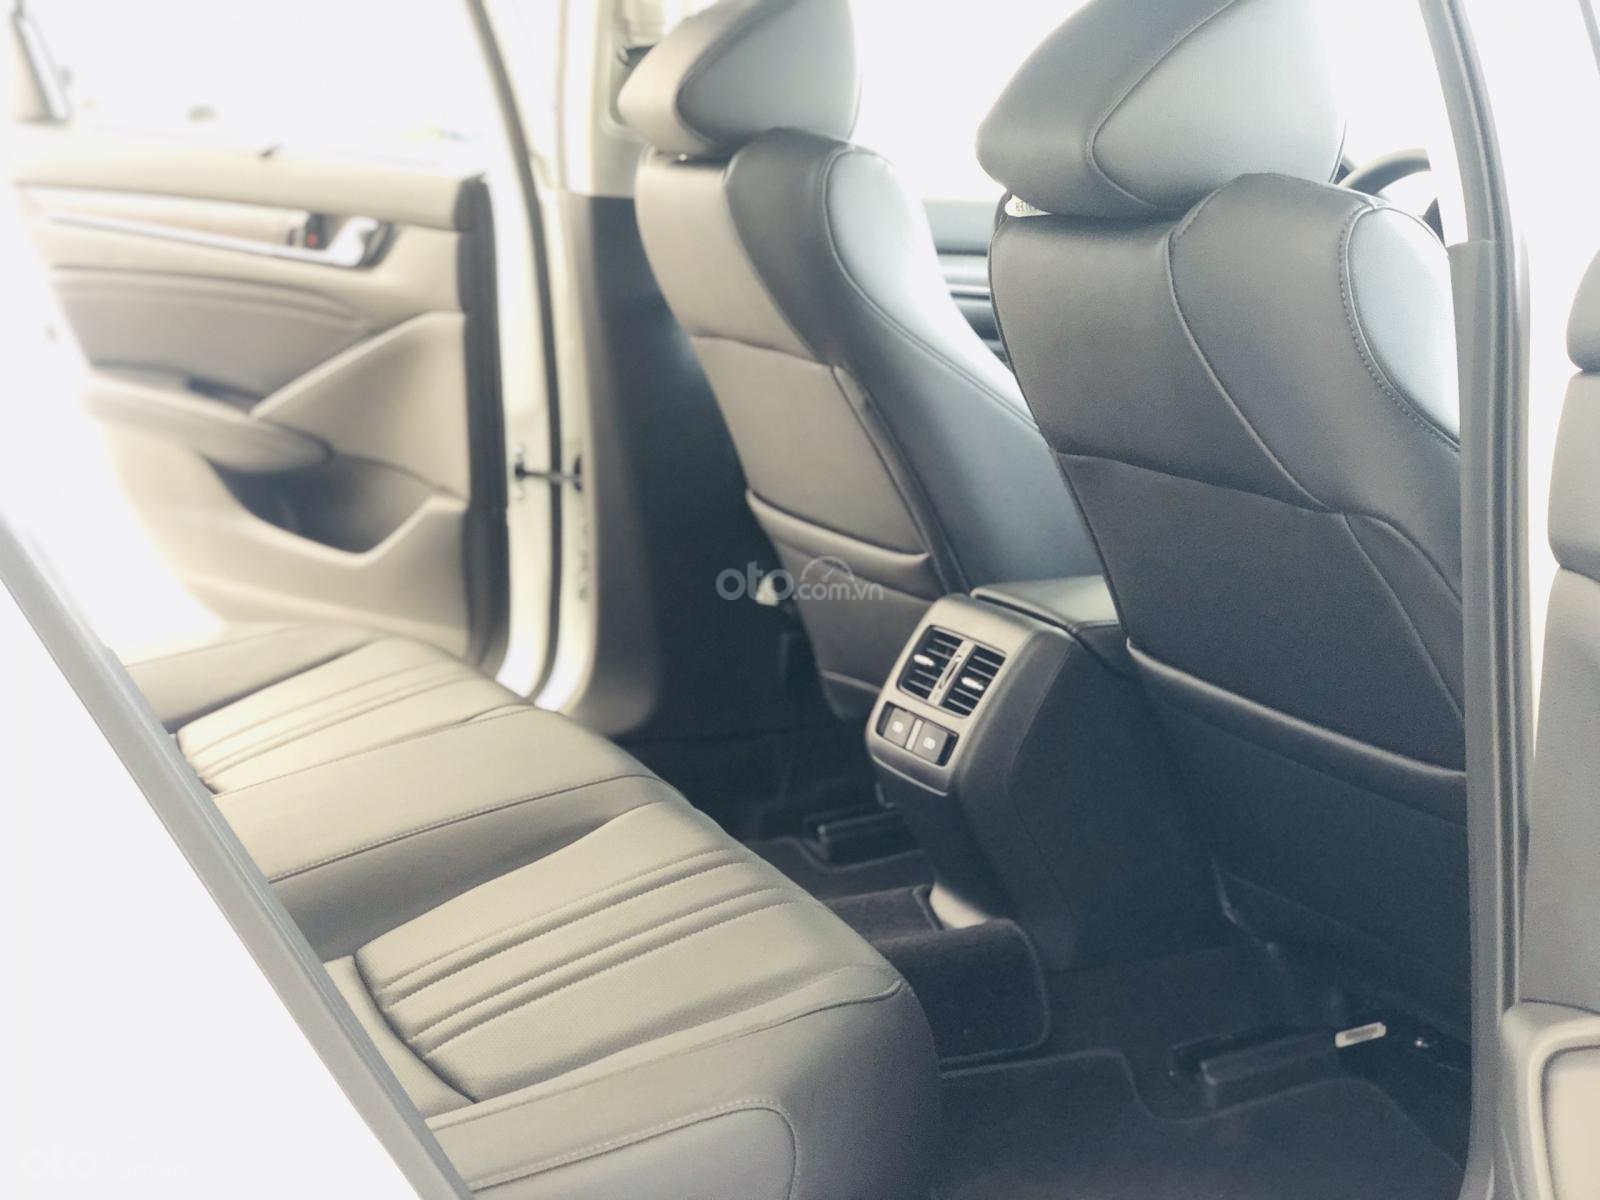 Honda Accord giảm ngay 120tr tiền mặt - ưu đãi và quà tặng hấp dẫn - hỗ trợ trả góp lãi suất ưu đãi (8)